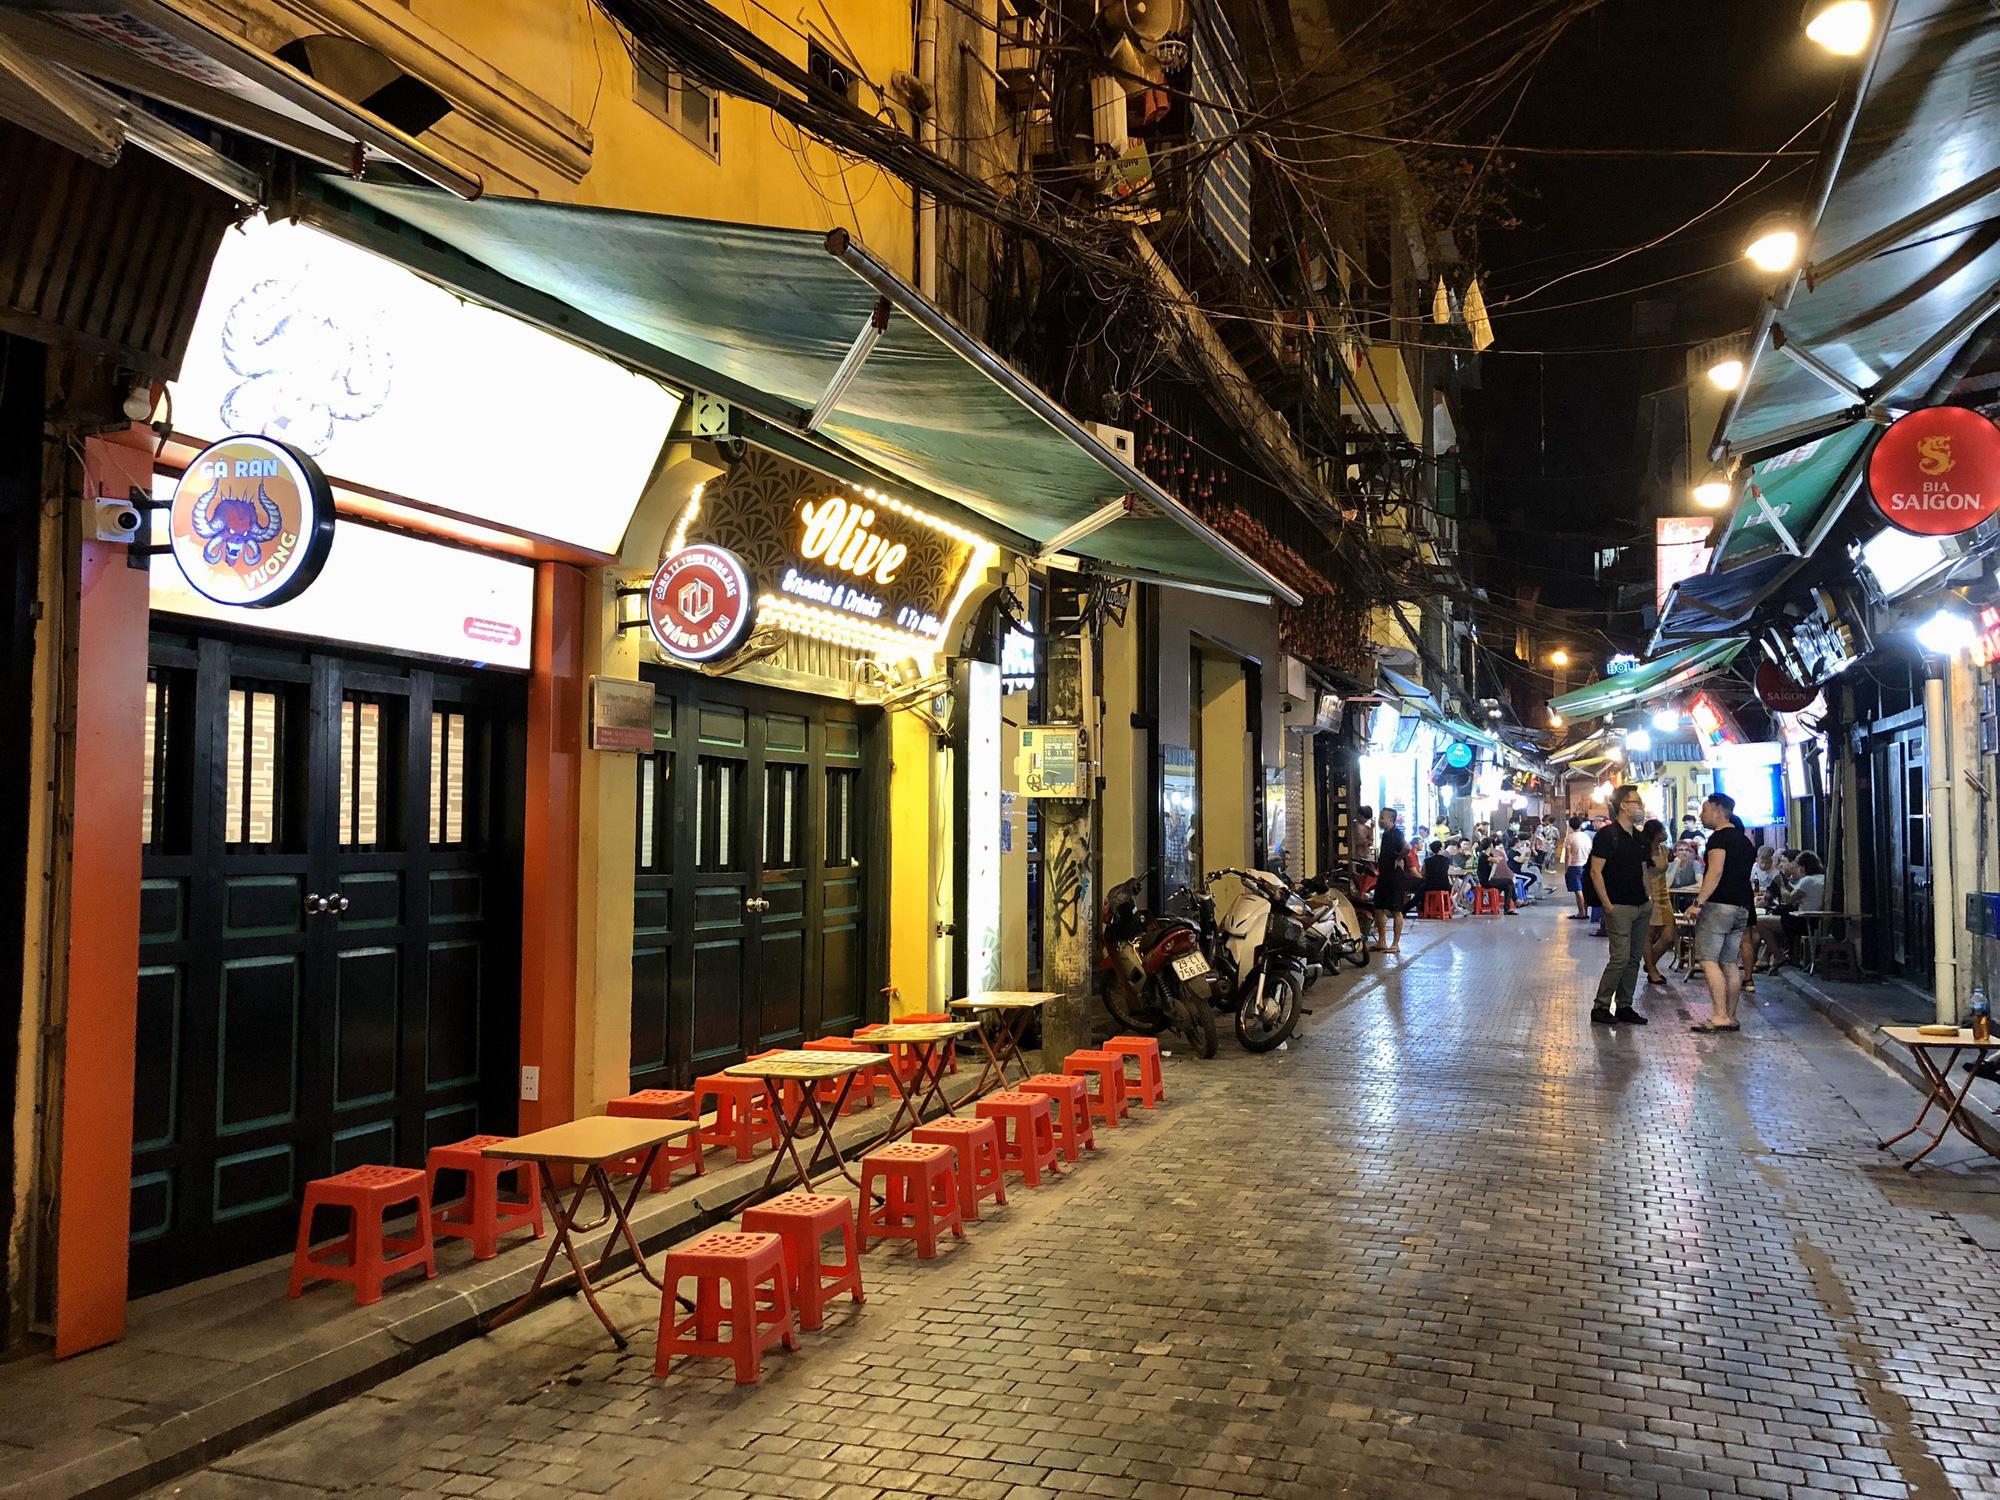 Phố Tạ Hiện vắng khách, các hàng quán ế ẩm giữa mùa dịch corona - Ảnh 3.